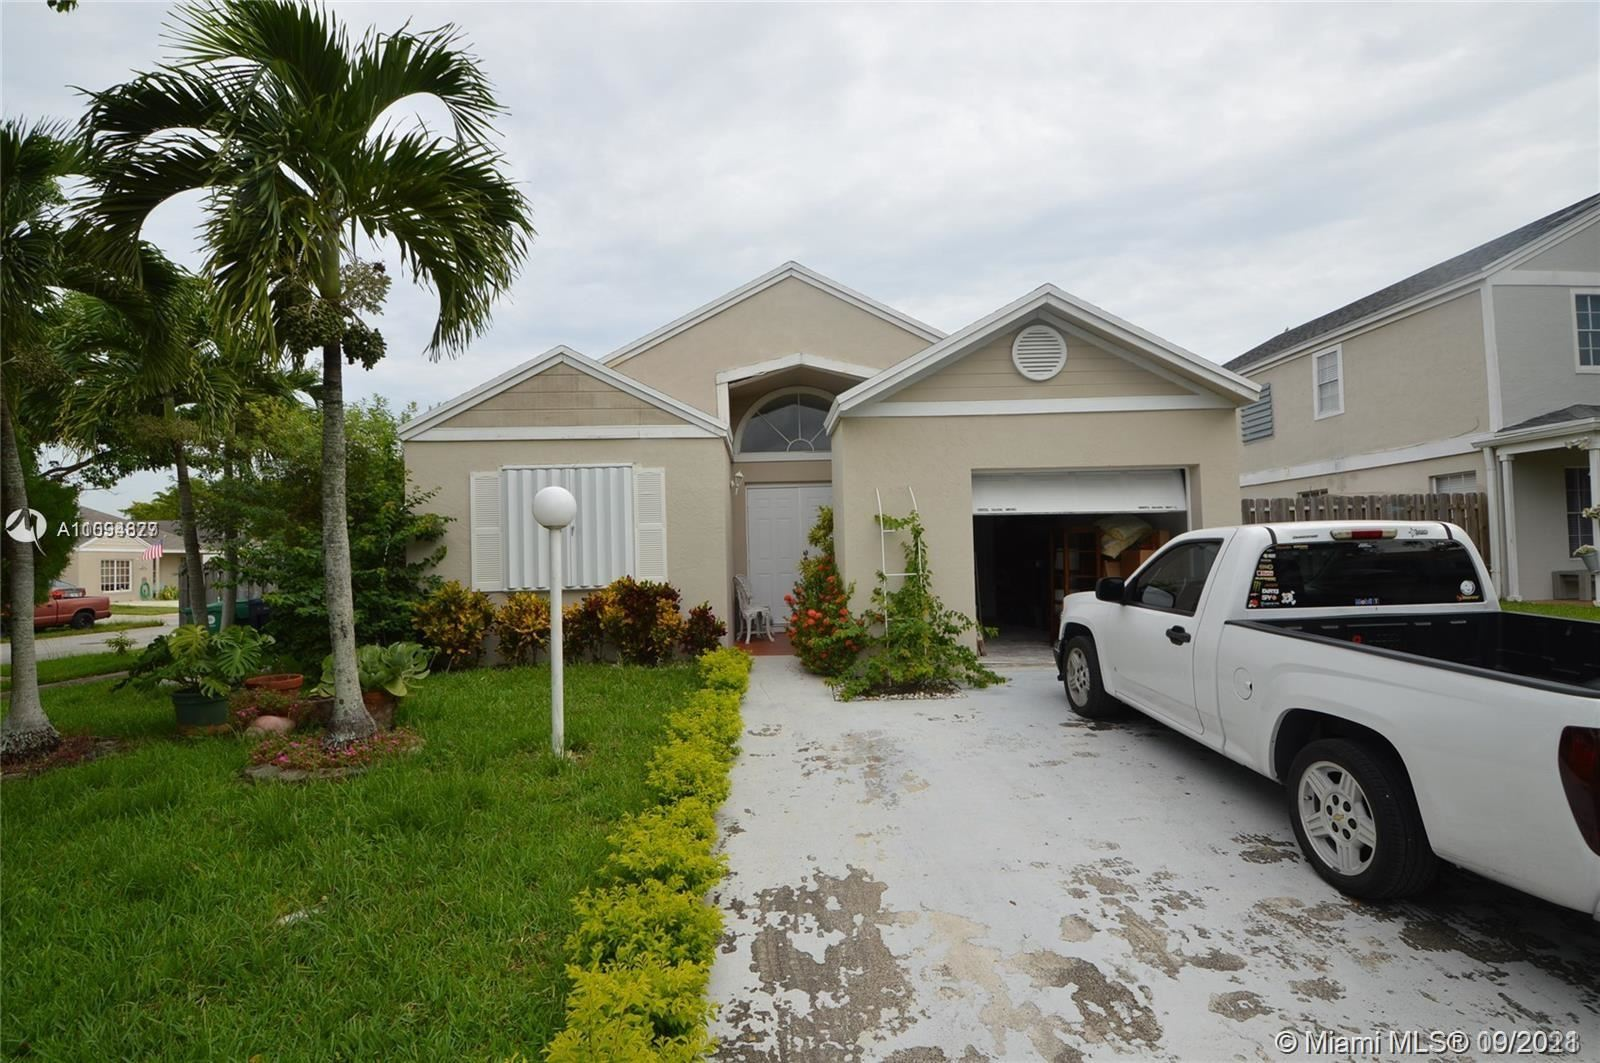 12713 SW 146th Ln, Miami, FL 33186 - #: A11094677